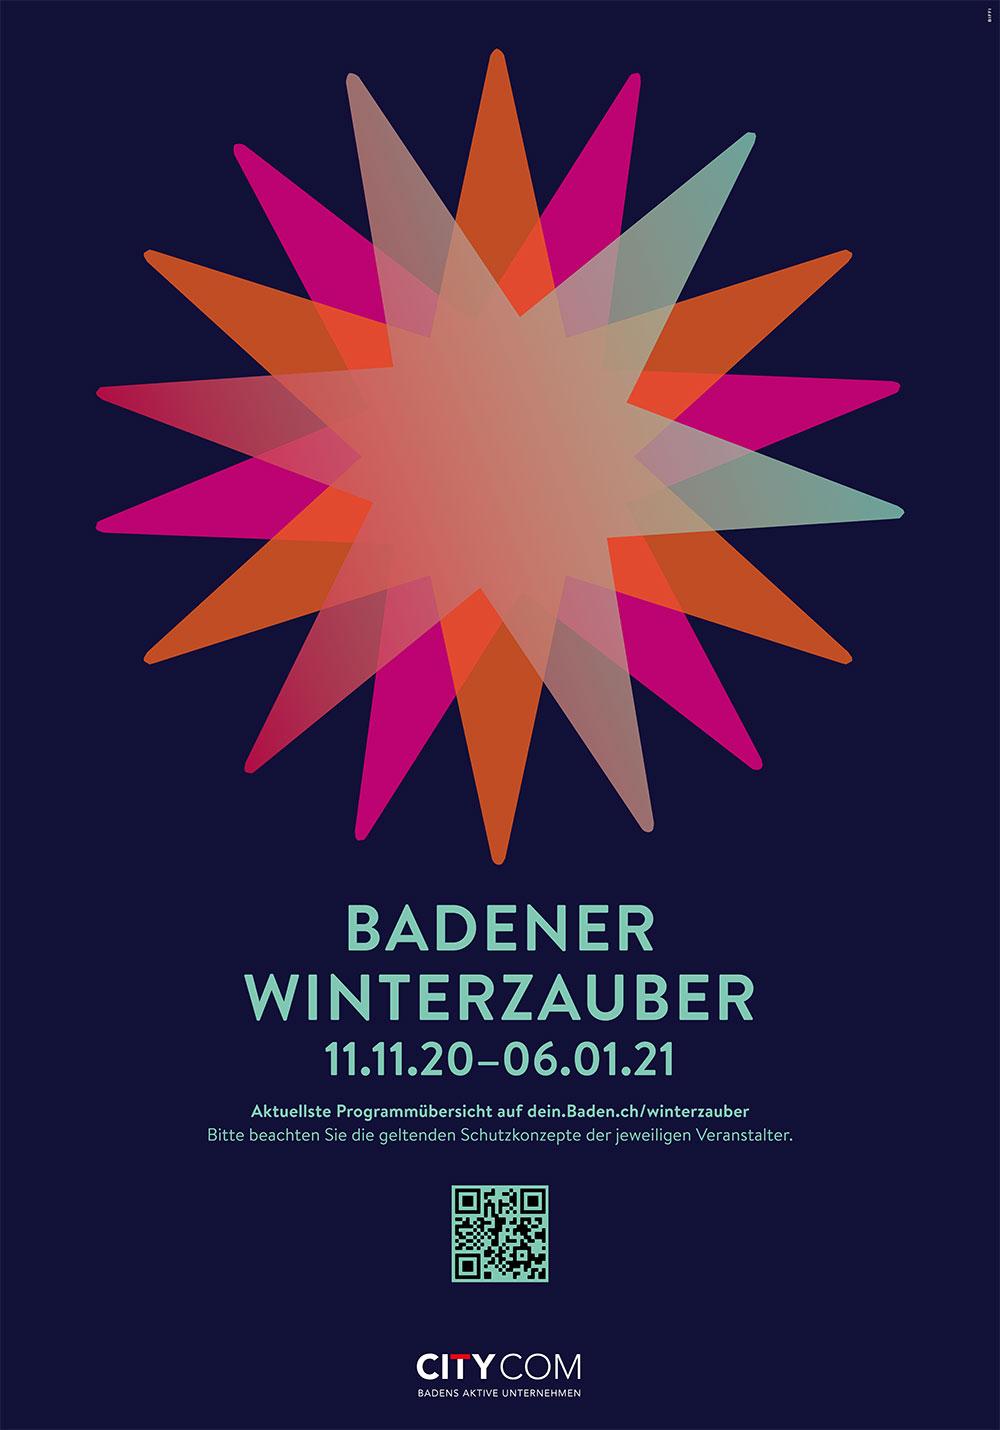 Badener Winterzauber 2020